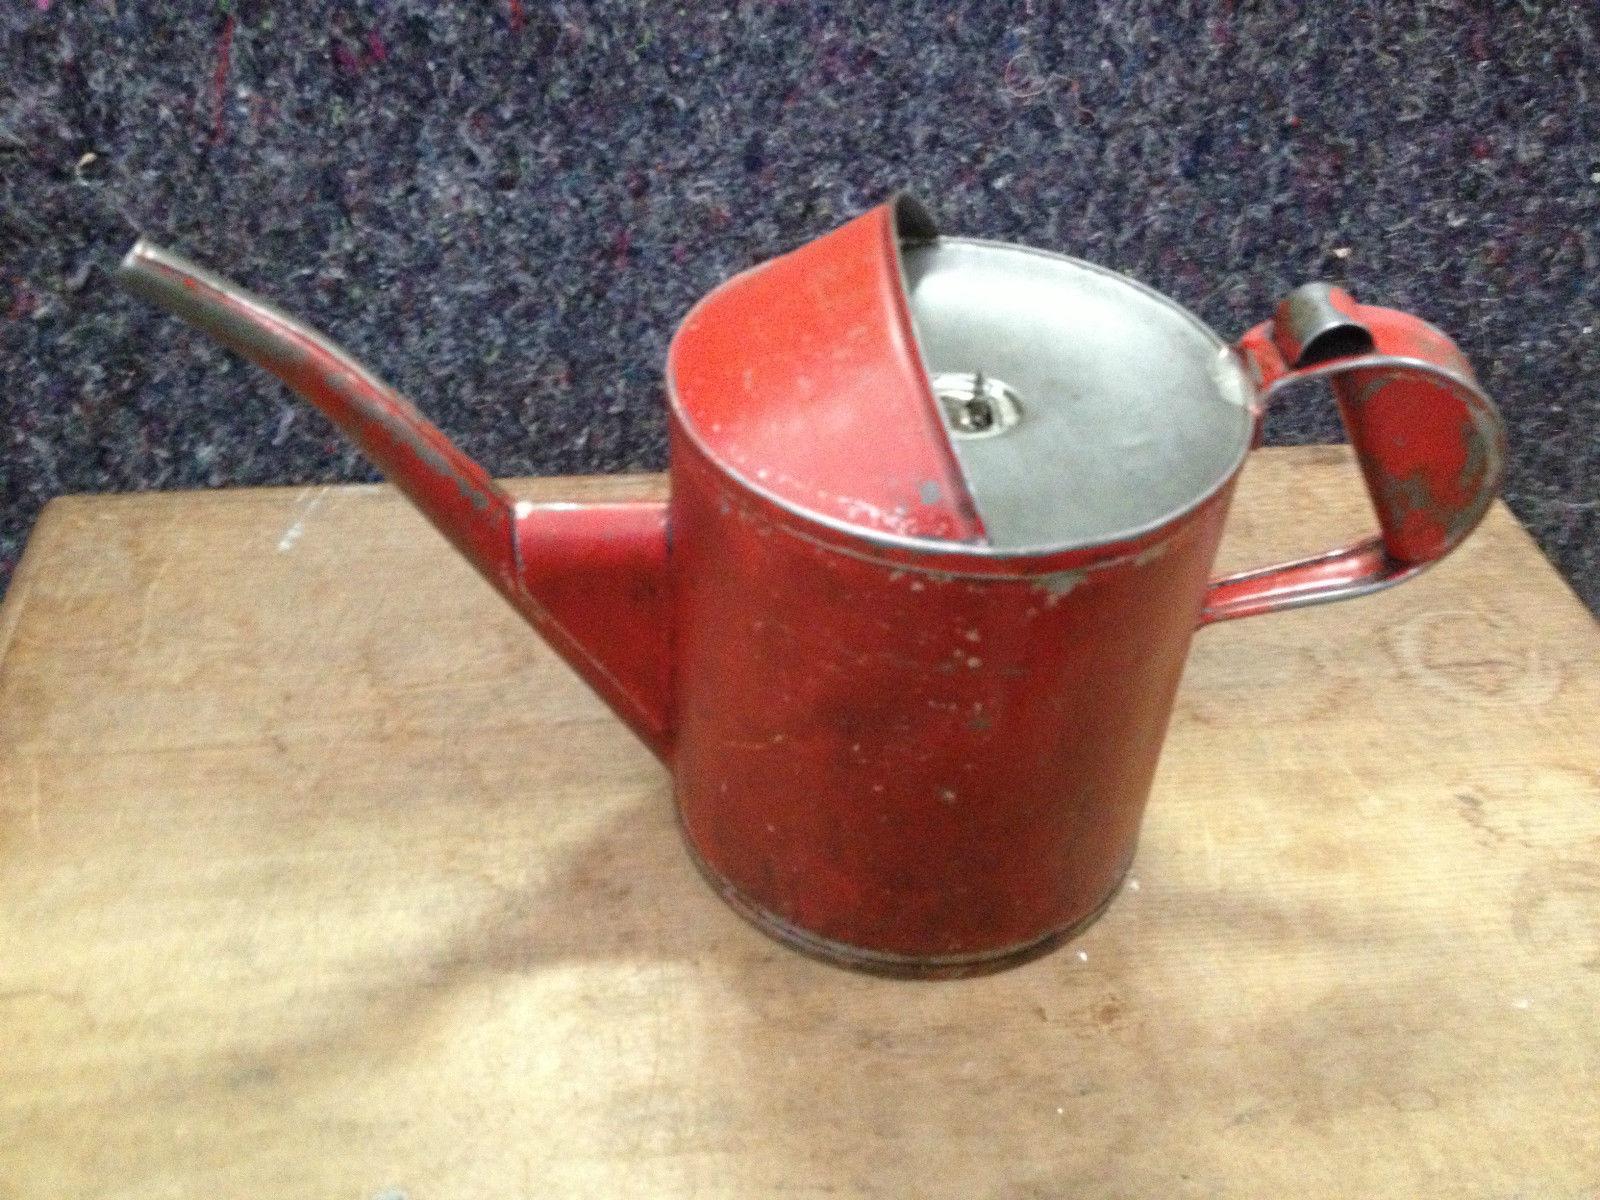 Vintage Cincinnati Milling M:C Oil Can | Halsey Road Recyclers